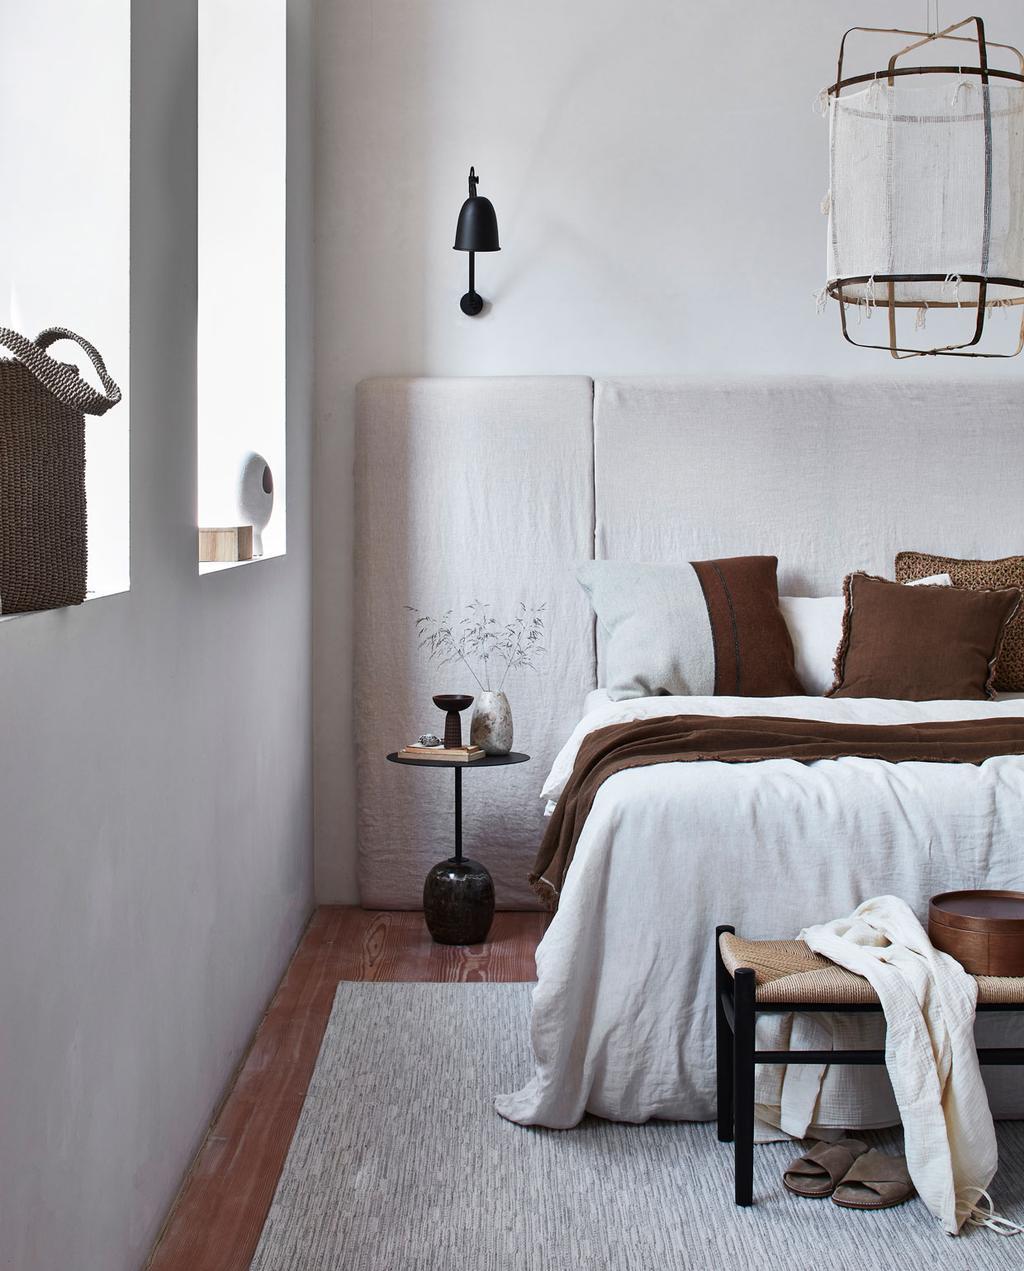 vtwonen 10-2021   slaapkamer met bruin en witte tinten